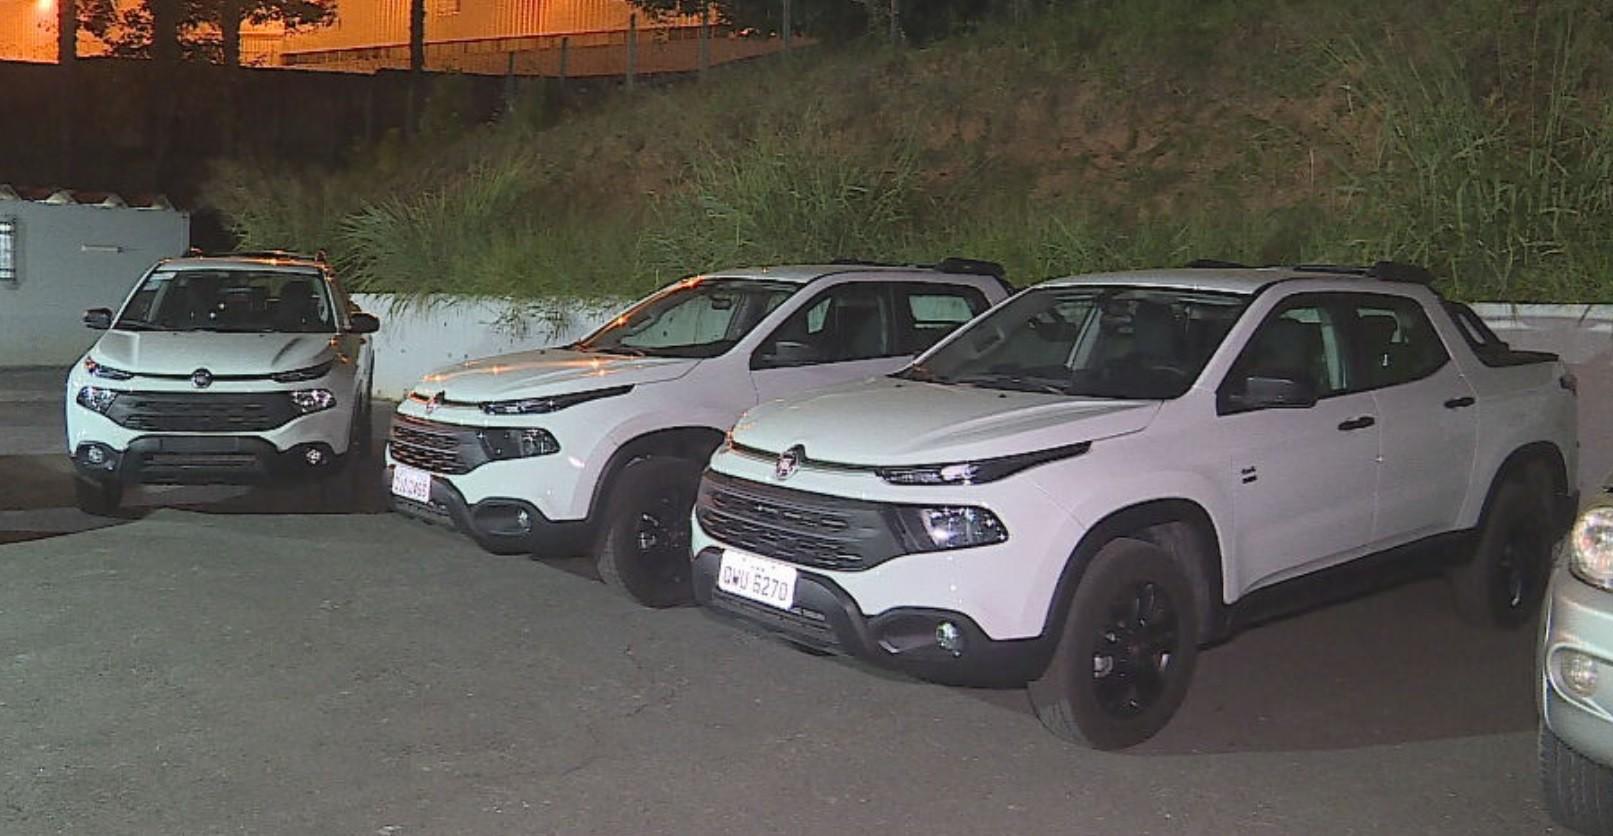 Polícia recupera veículos furtados e prende suspeito de receptação em Contagem, na Grande BH